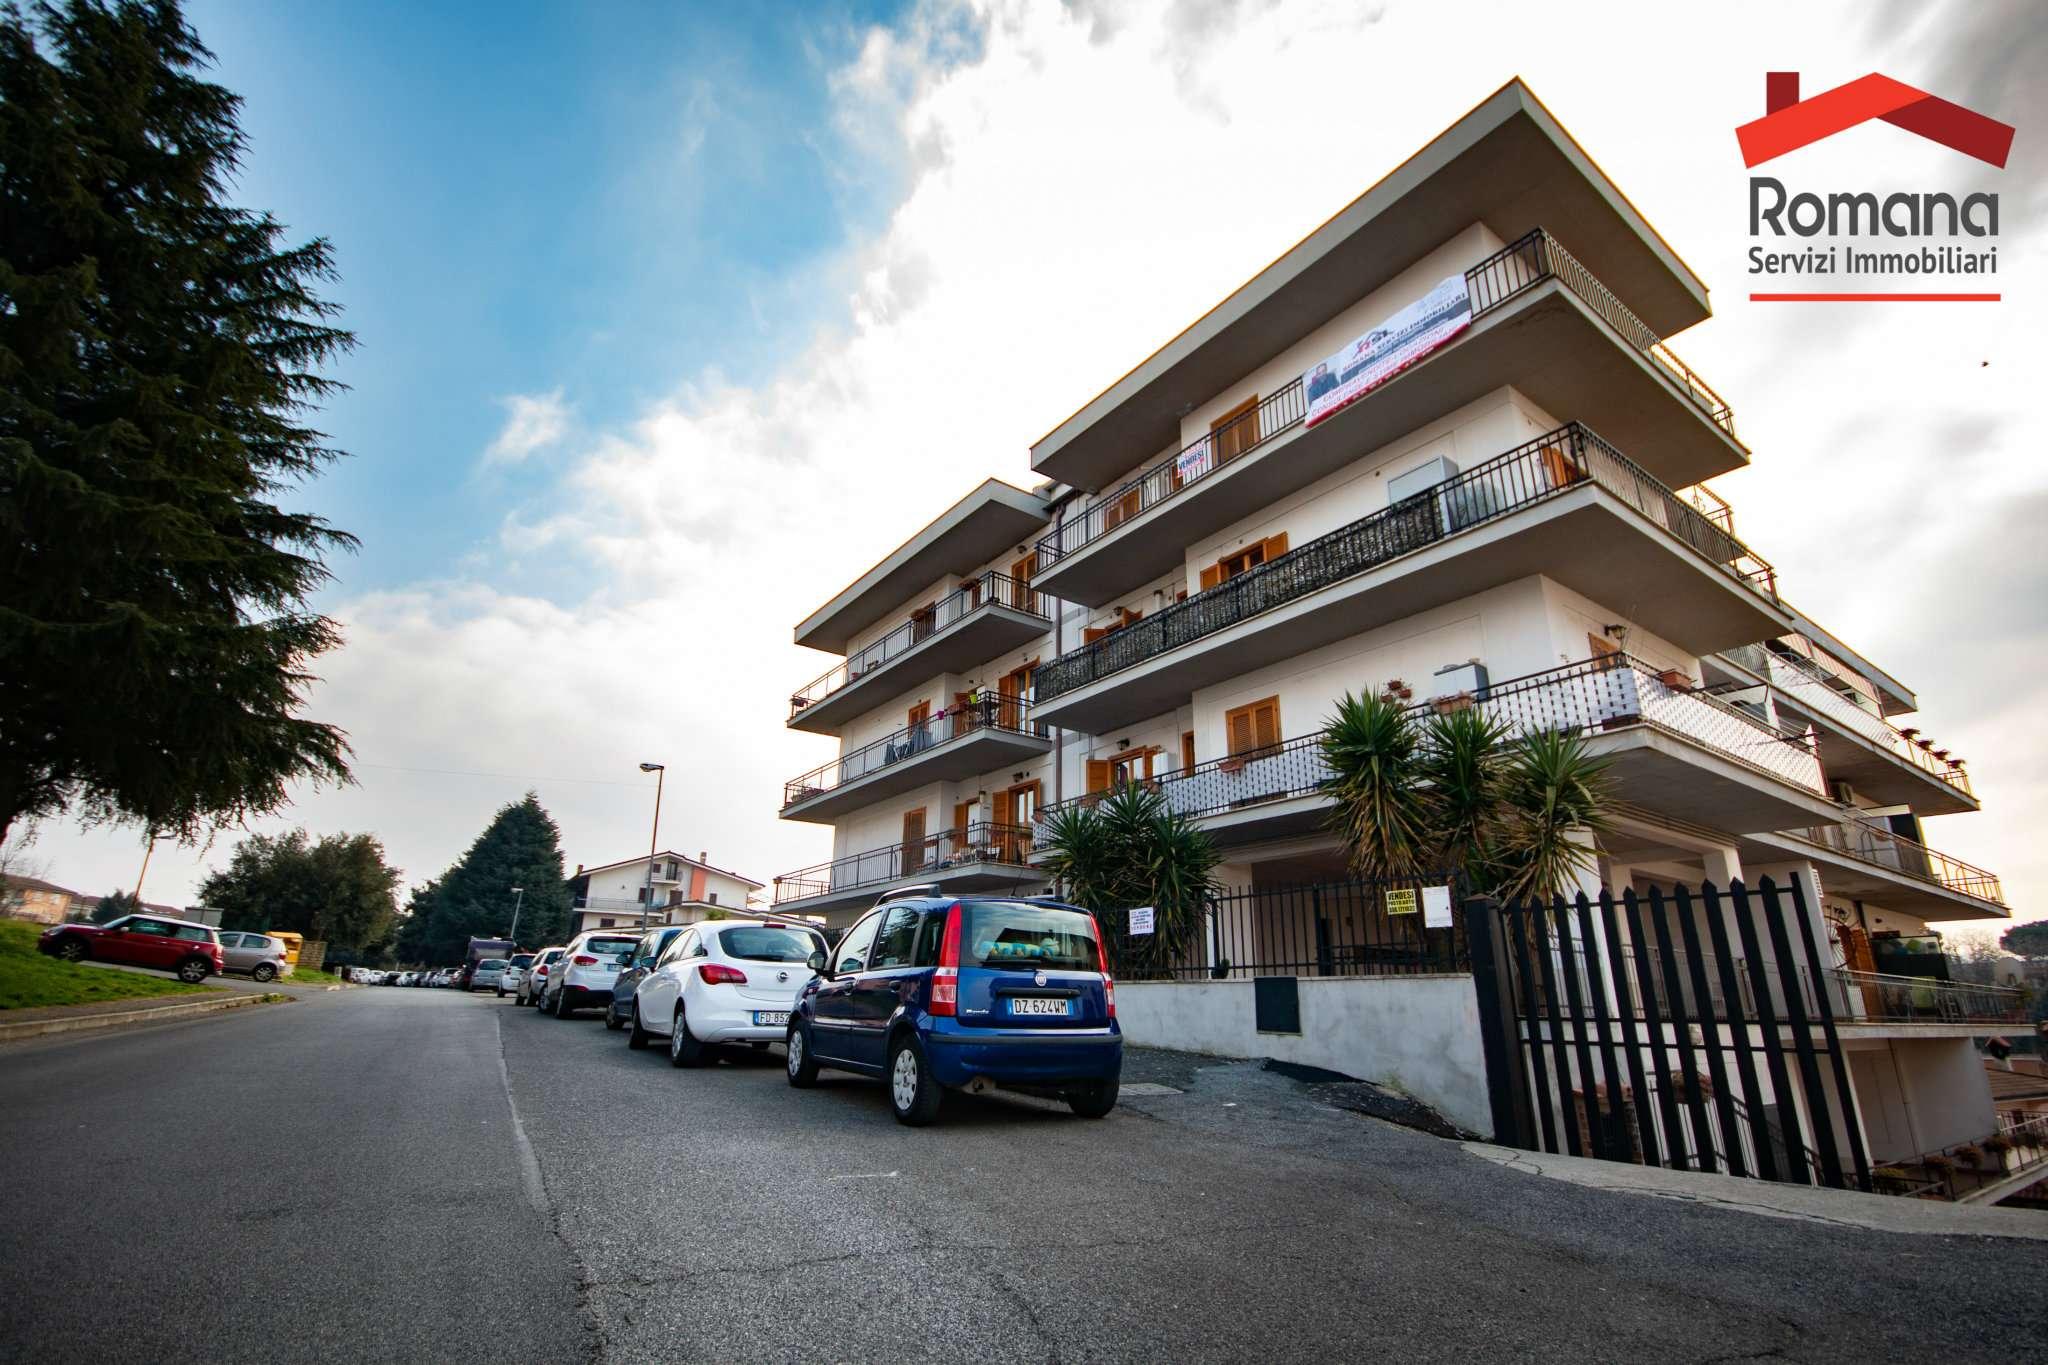 Appartamento in vendita a Zagarolo, 1 locali, prezzo € 49.000 | PortaleAgenzieImmobiliari.it